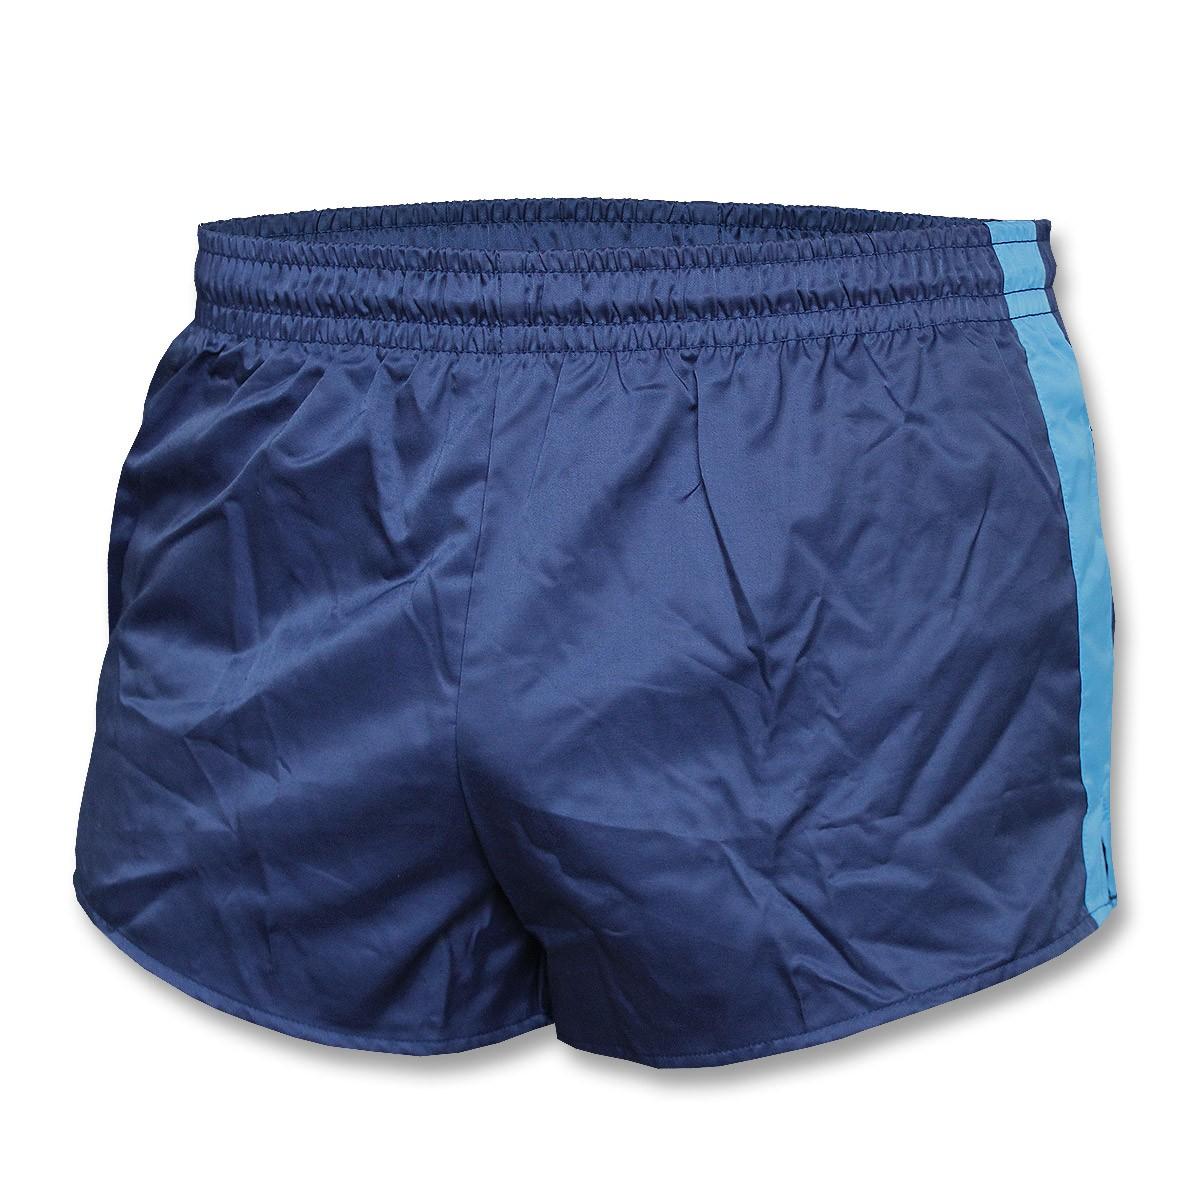 bw sporthose original gebraucht blau im bundeswehr und. Black Bedroom Furniture Sets. Home Design Ideas